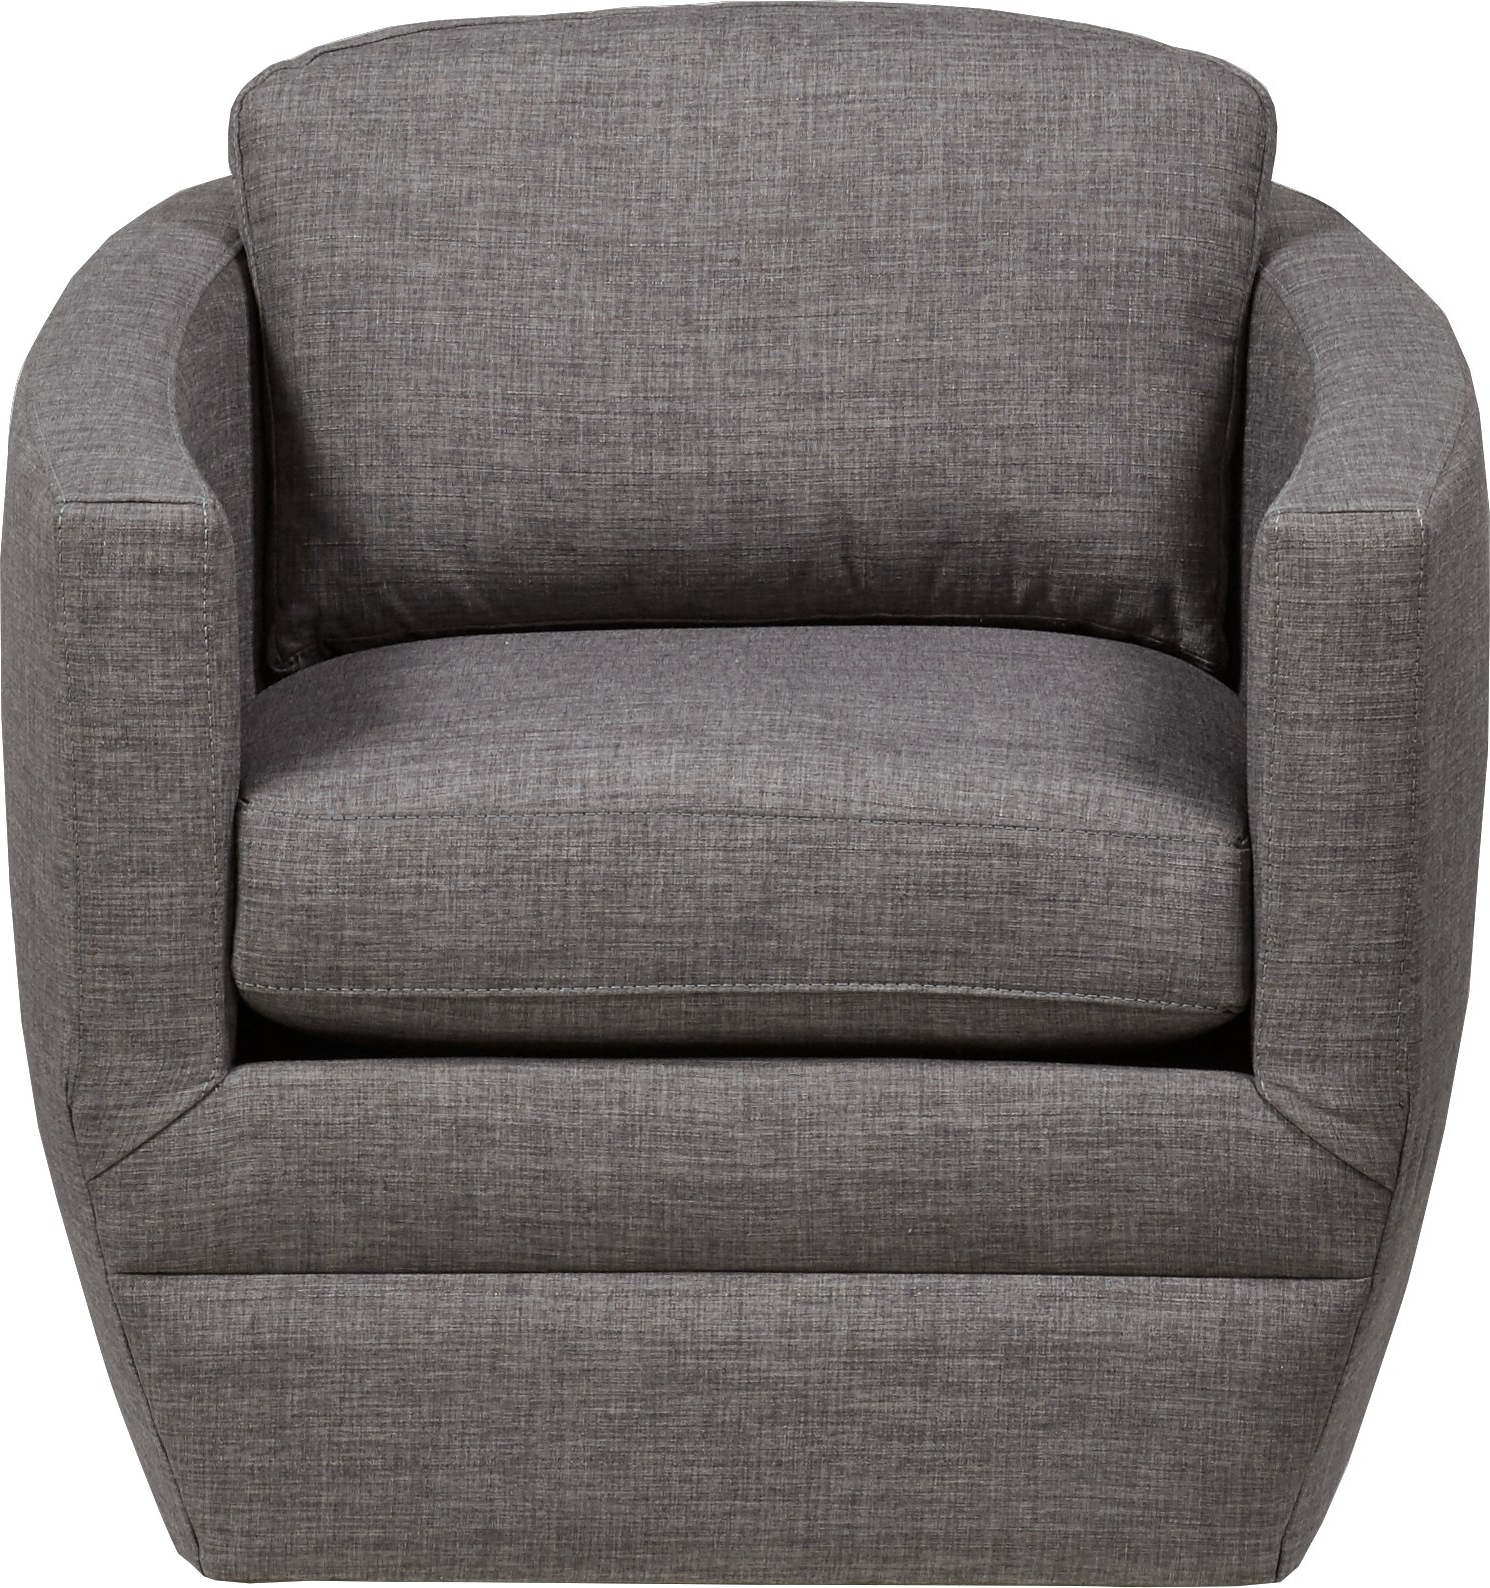 Fashionable Dark Grey Swivel Chairs Regarding Harbour City San Marino Dark Gray Swivel Chair – Chairs (Gray) (View 14 of 20)